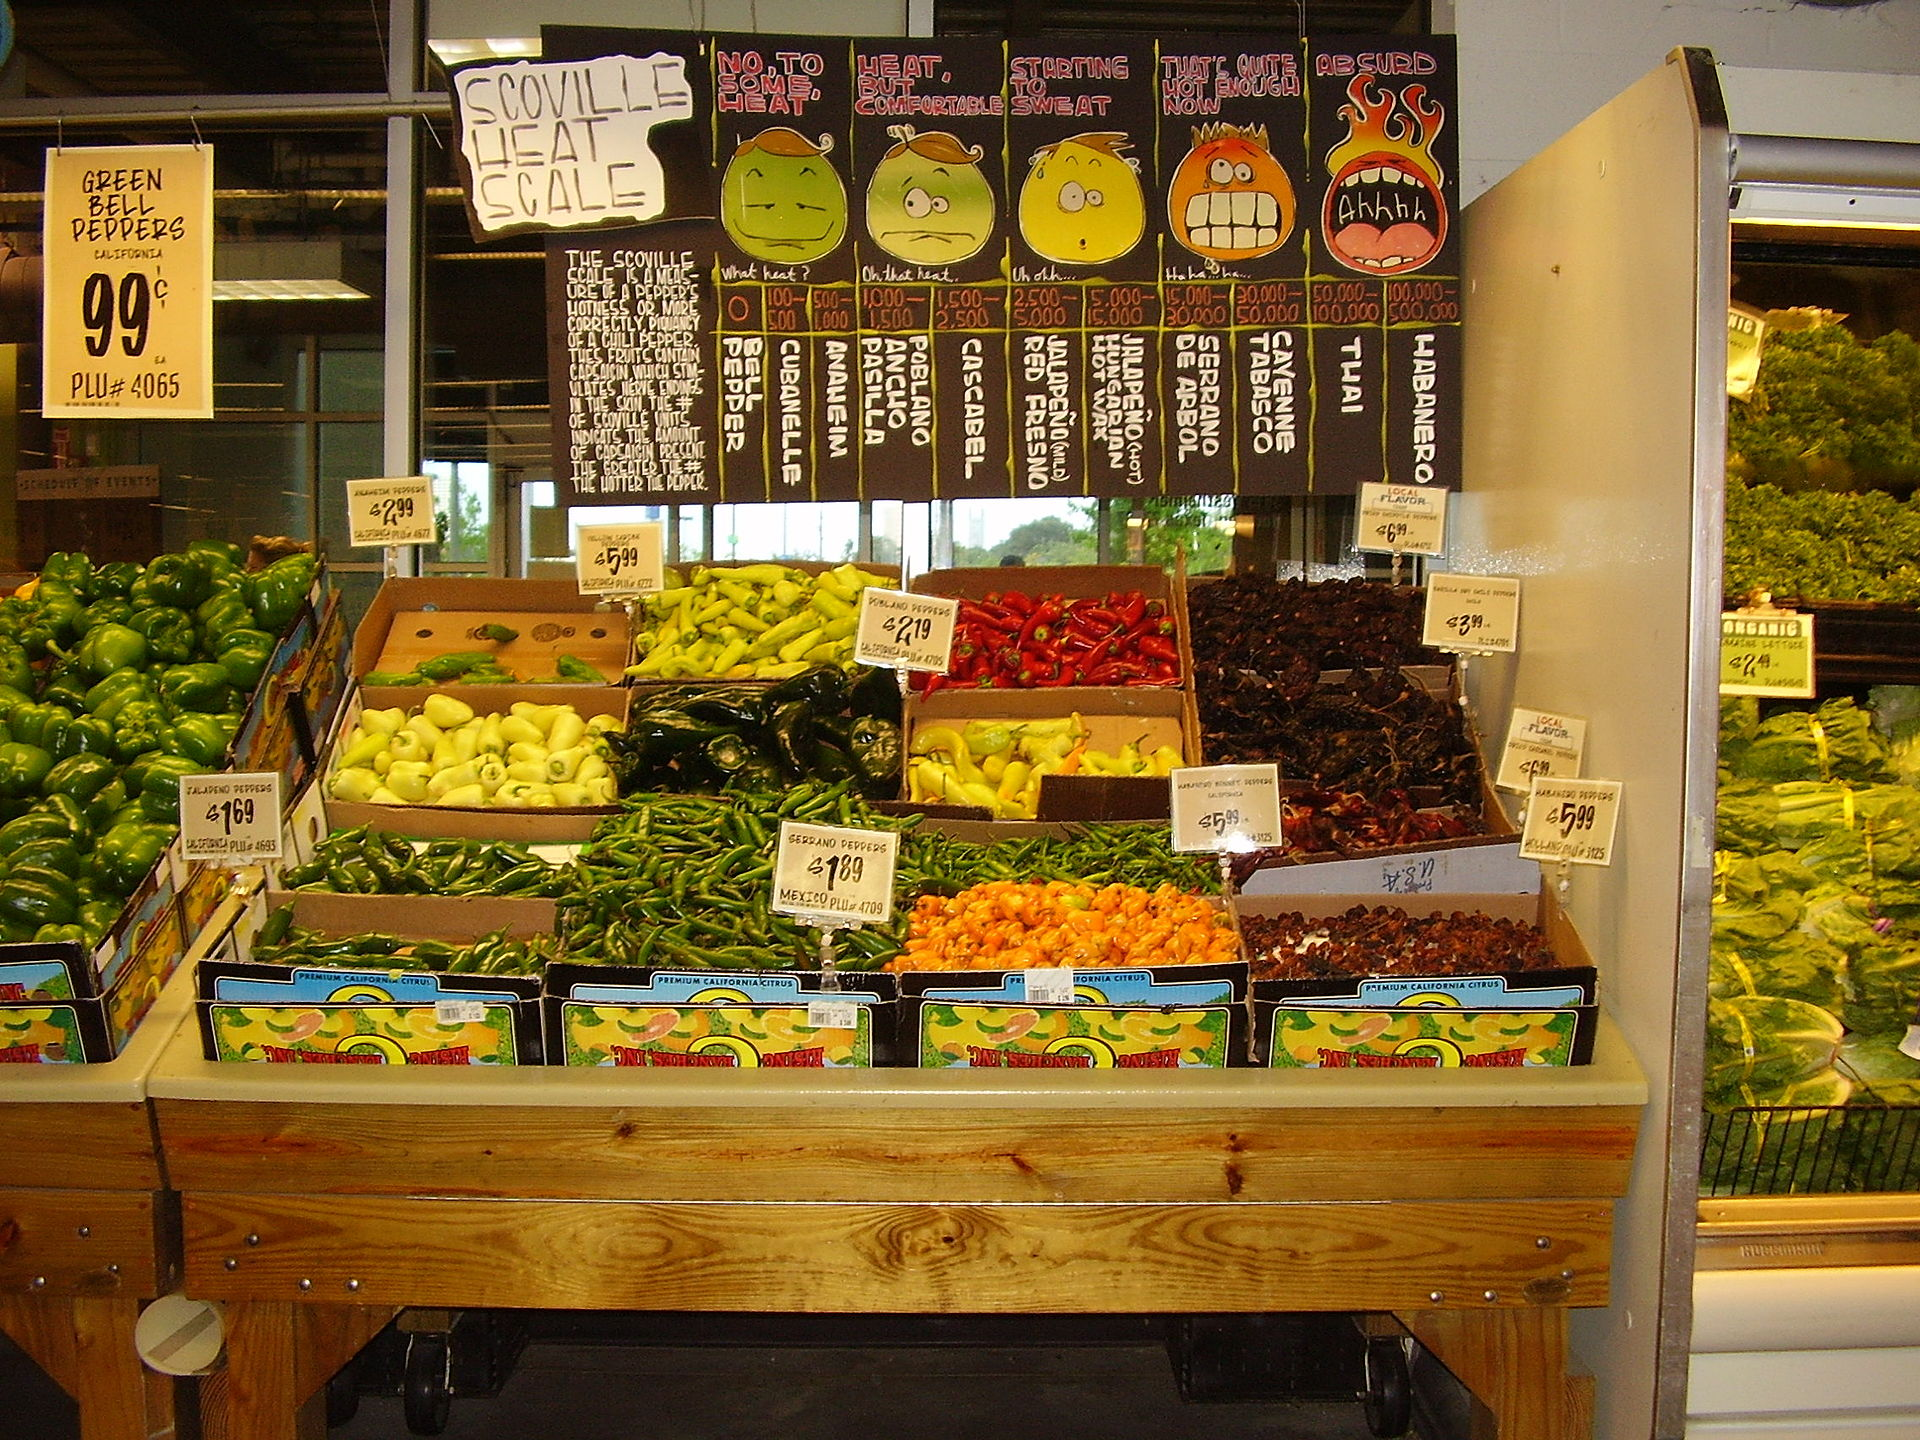 Chilli market photo